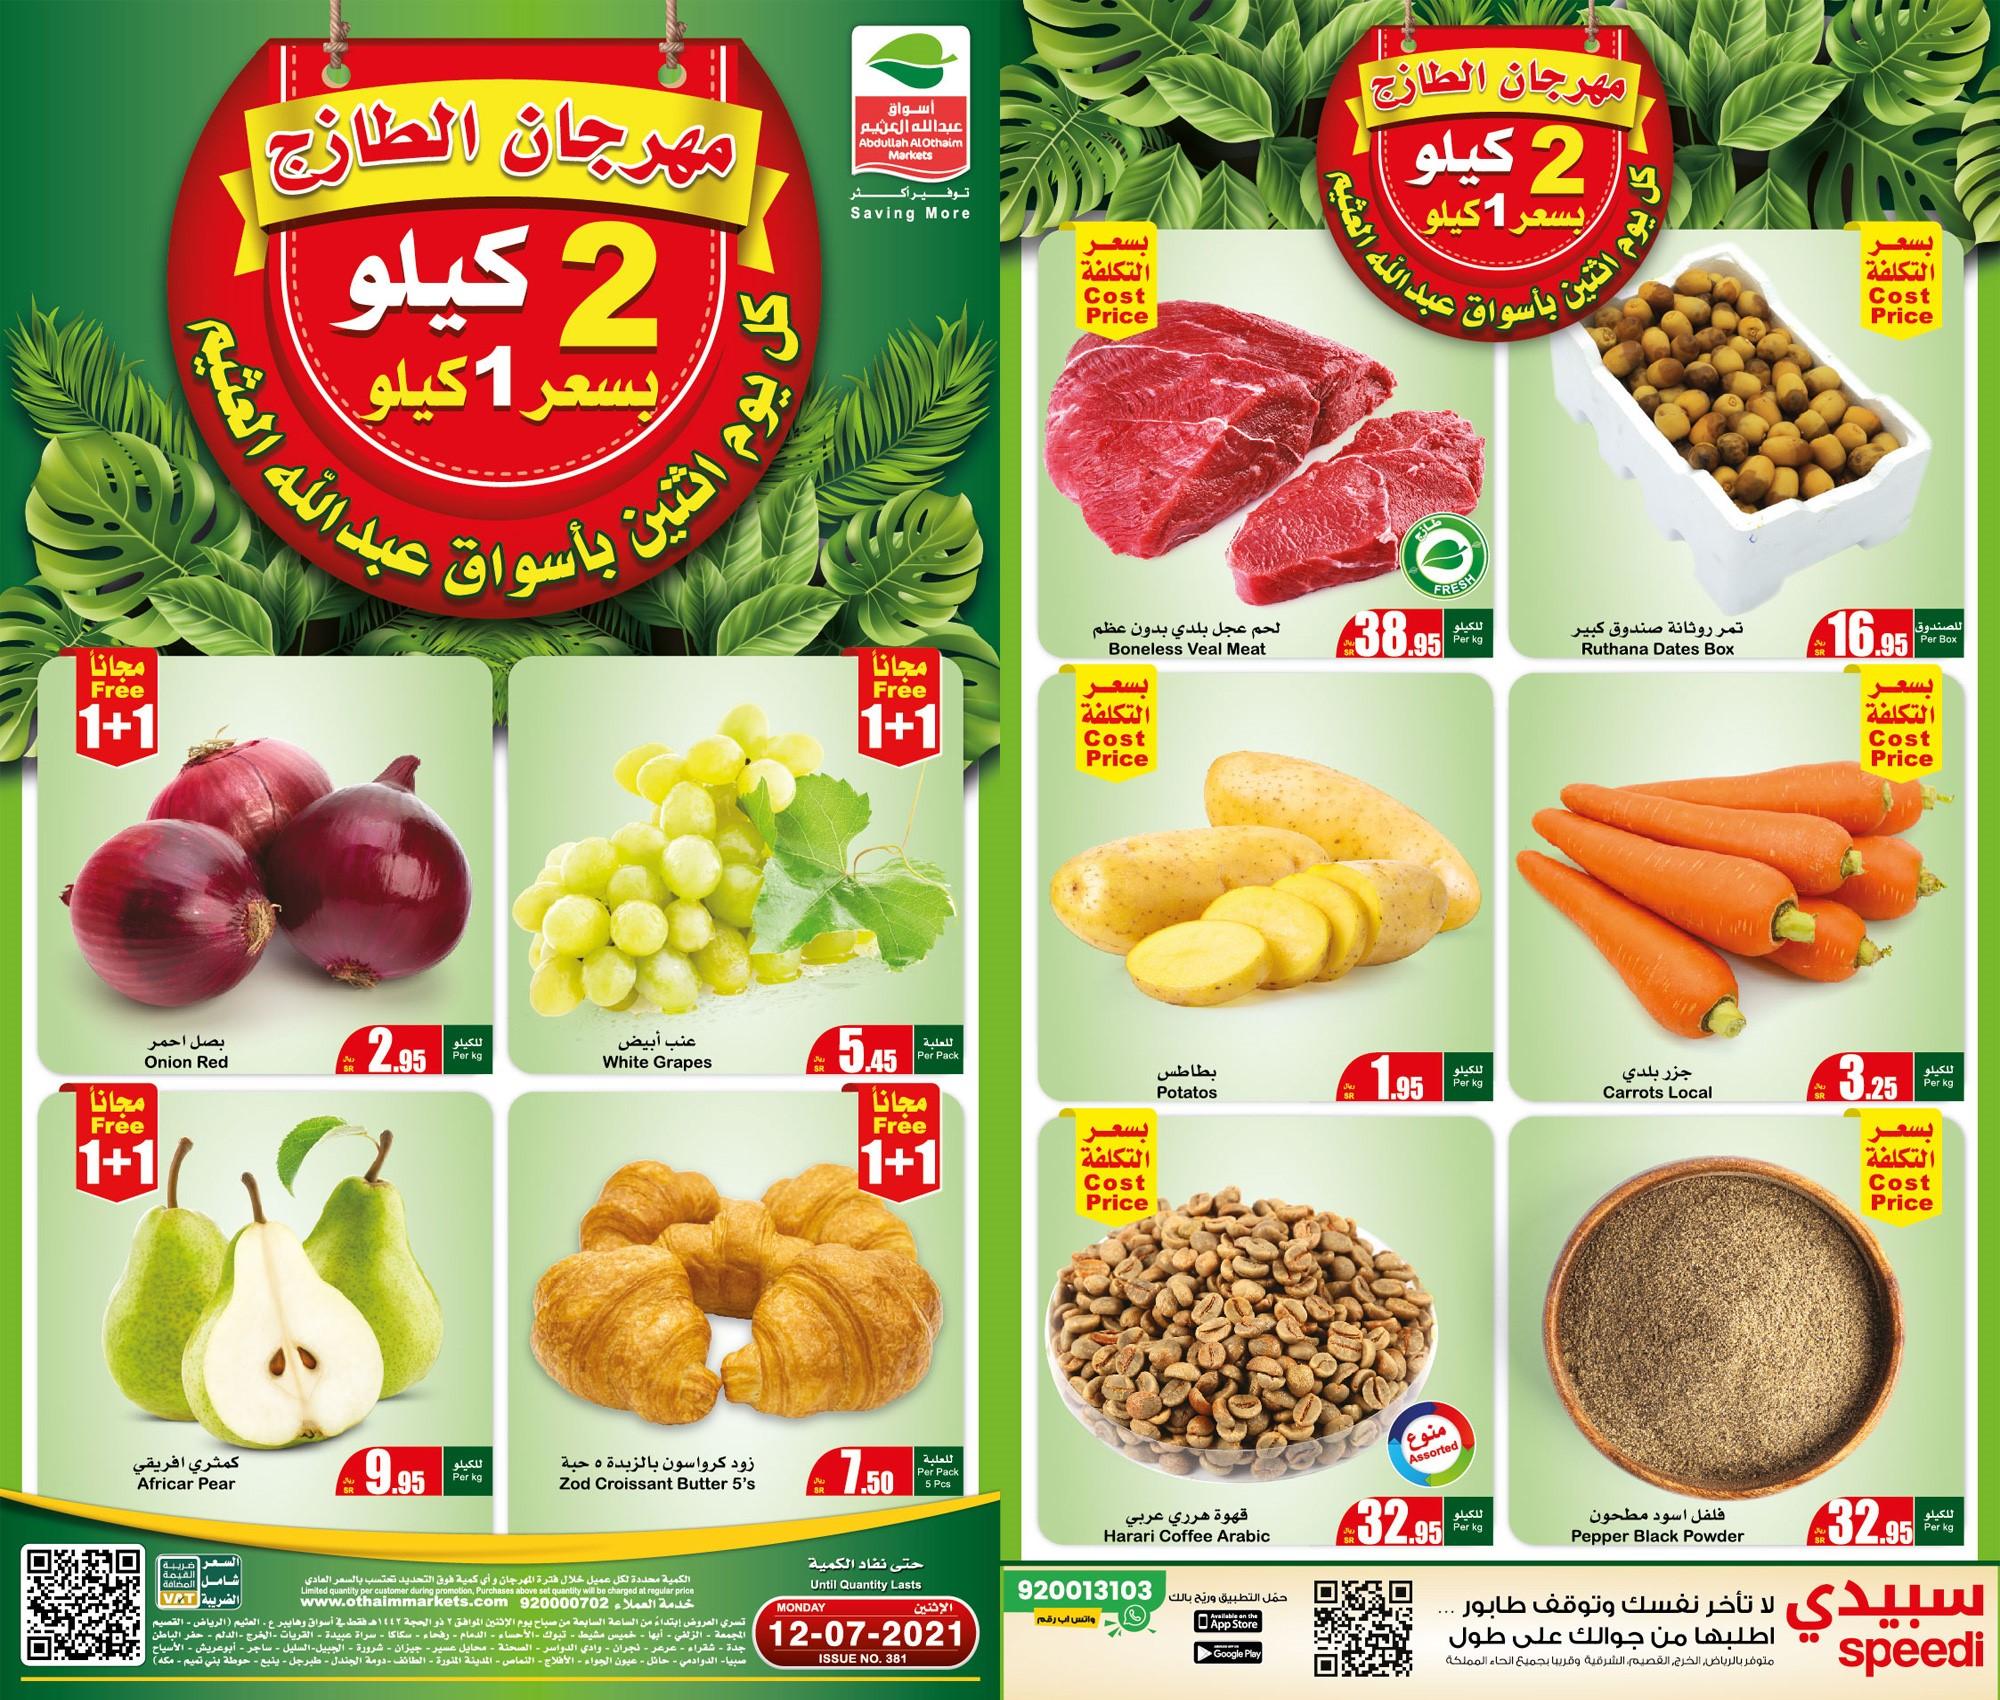 عروض العثيم السعودية اليوم الاثنين 12 يوليو 2021 مهرجان الطازج